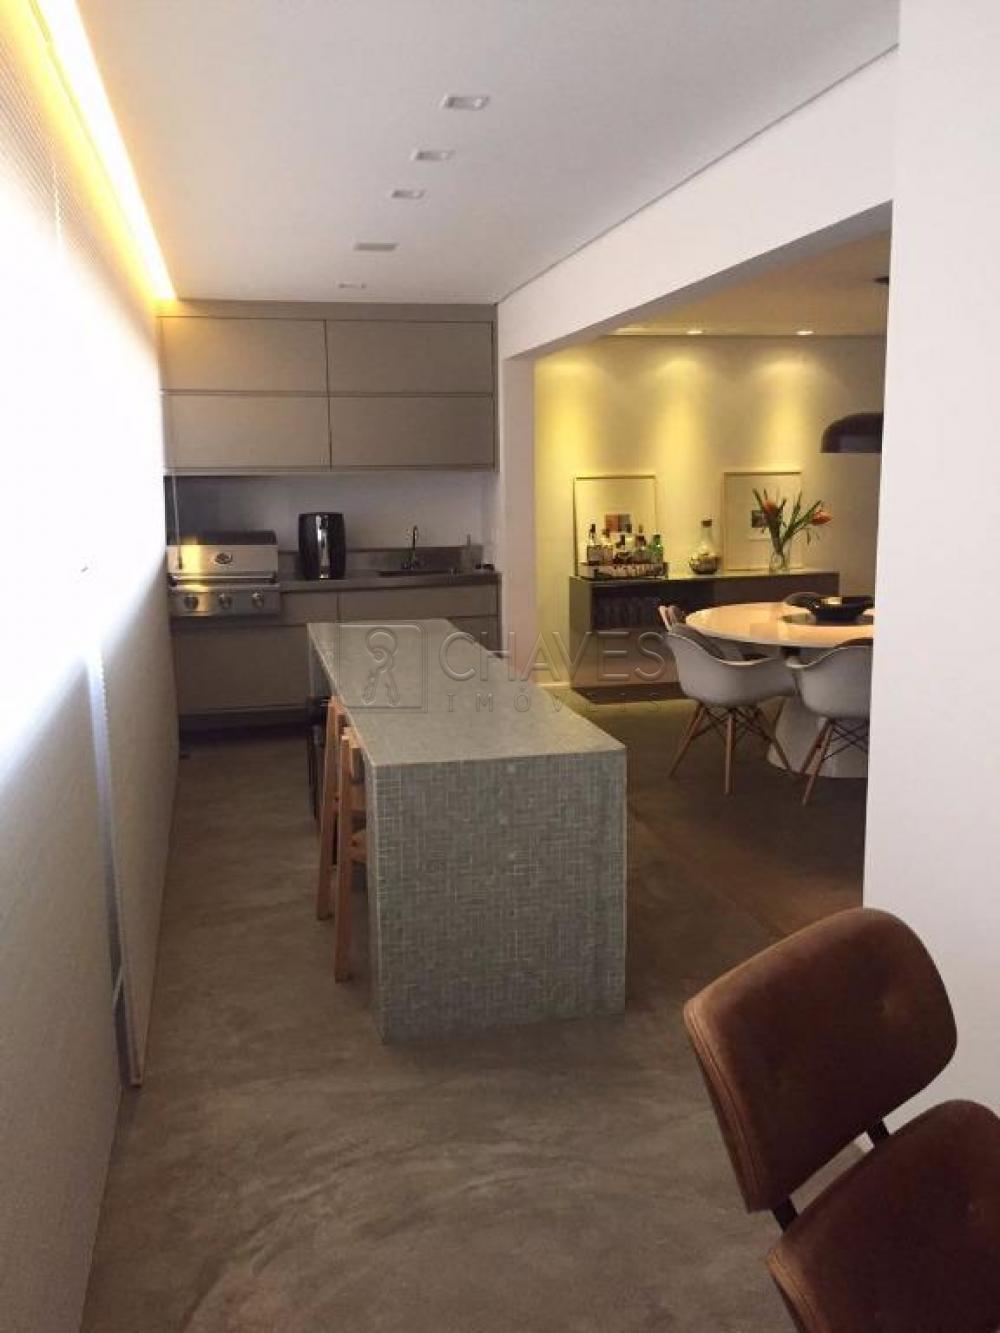 Comprar Apartamento / Padrão em Ribeirão Preto apenas R$ 750.000,00 - Foto 2